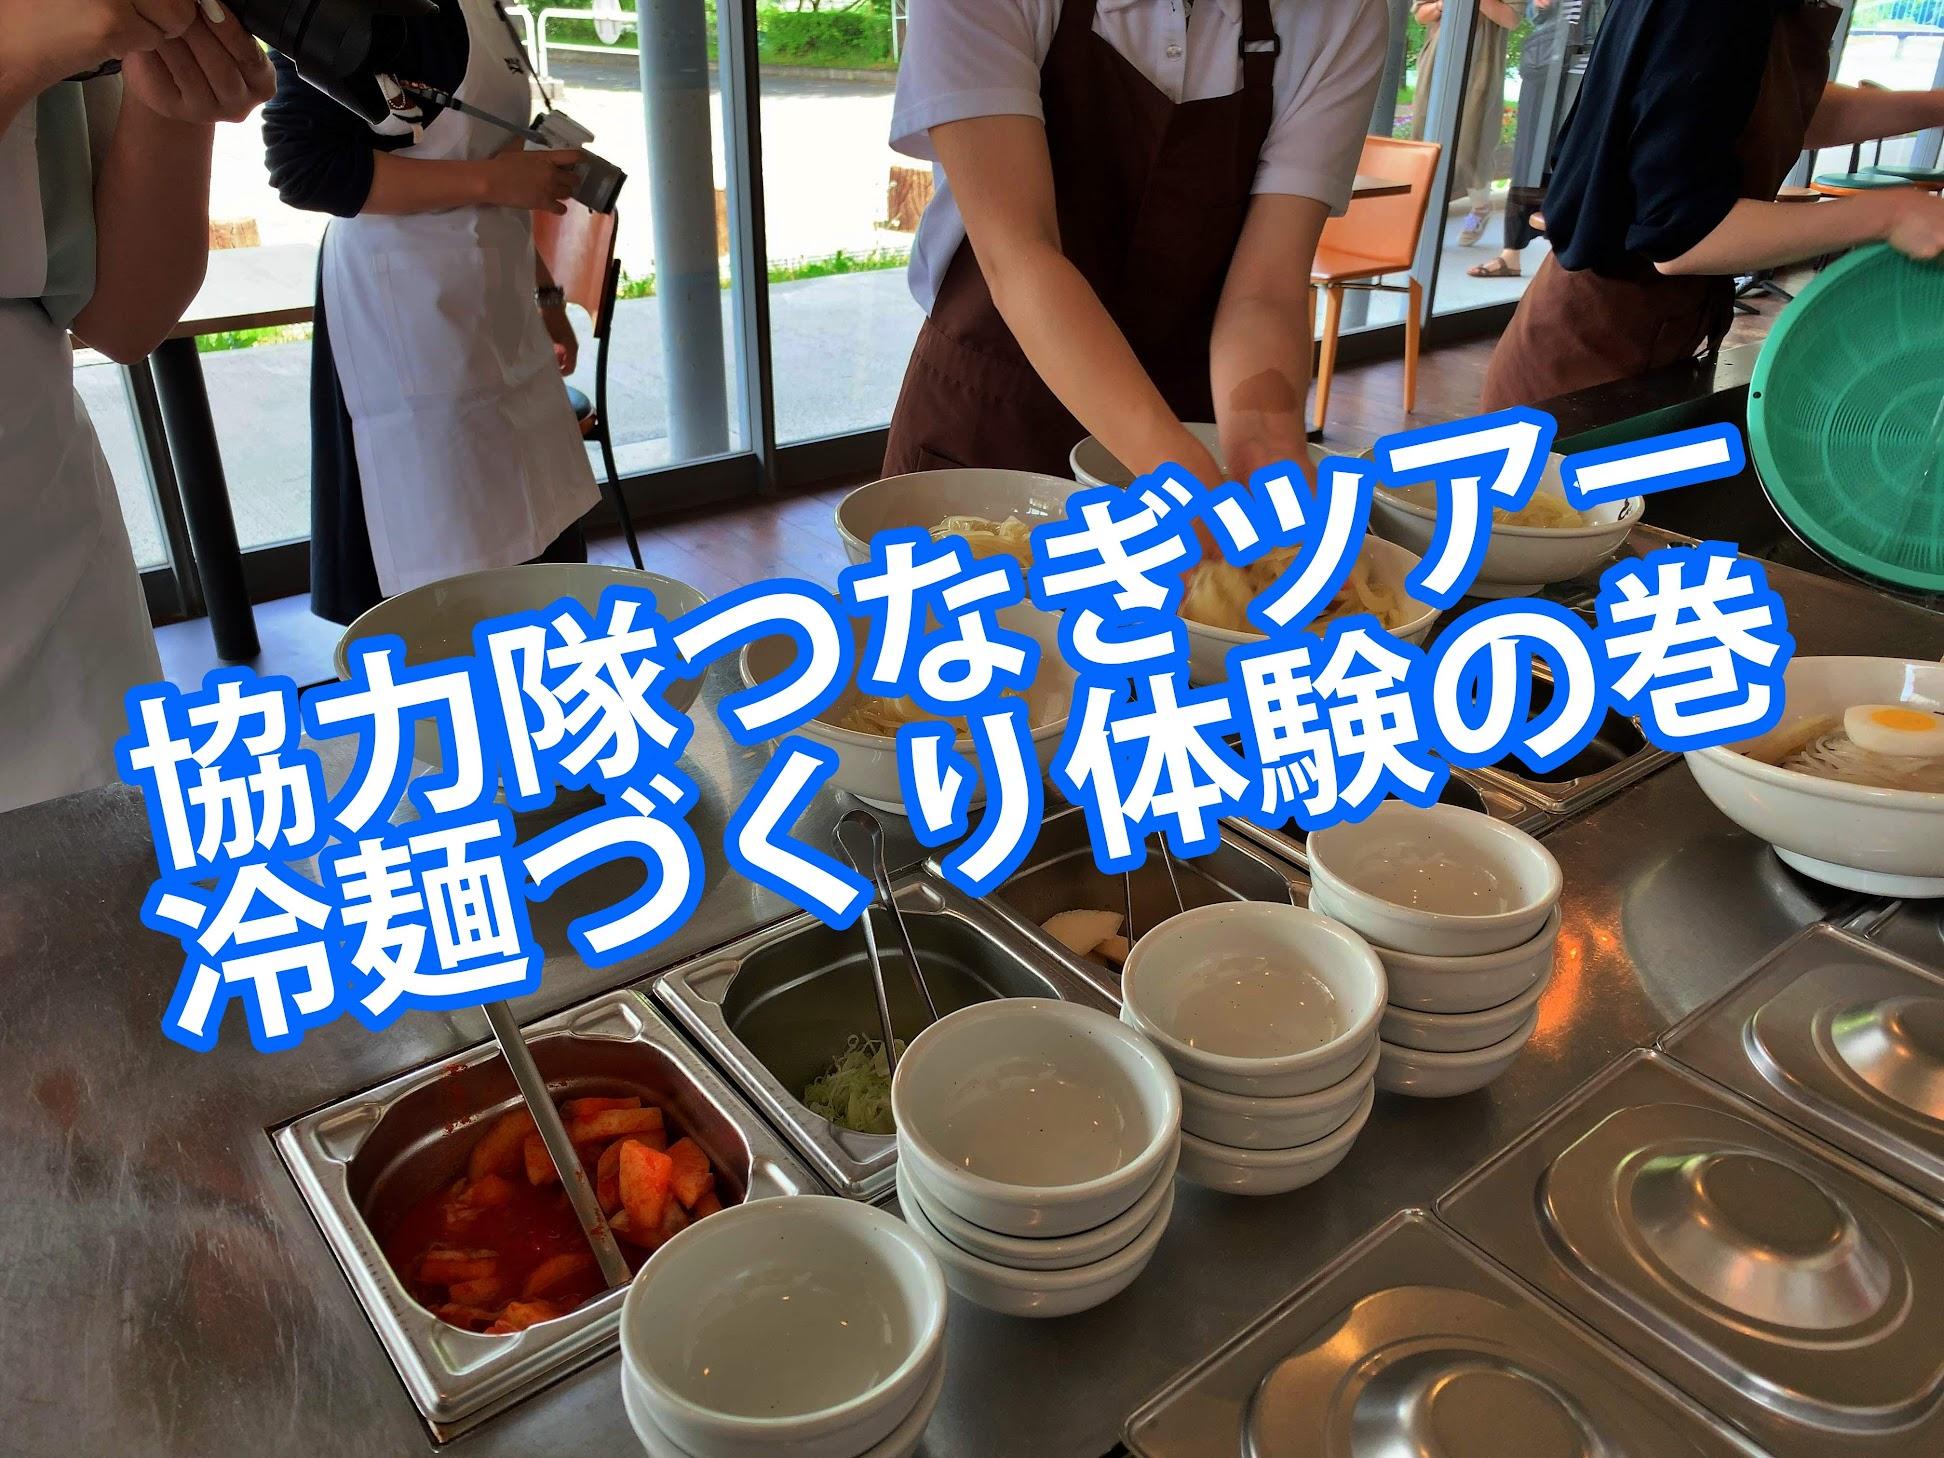 盛岡市地域おこし協力隊つなぎツアー 冷麺づくり体験の巻